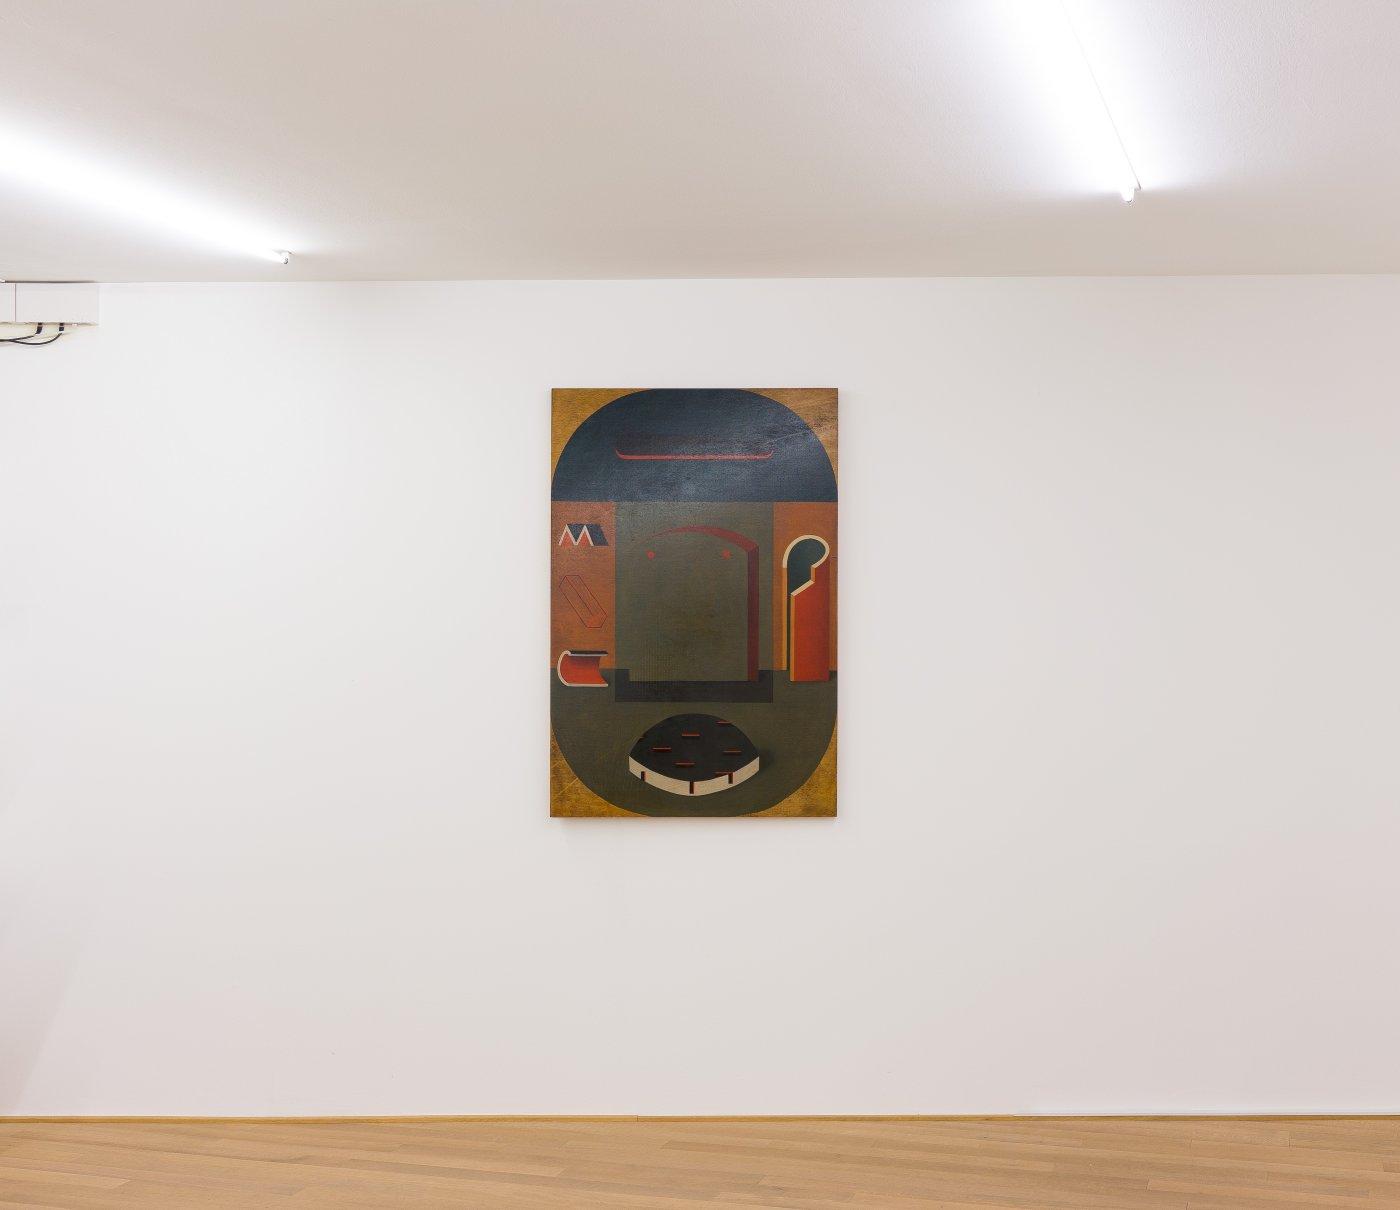 Mai 36 Galerie Laura Carralero 8